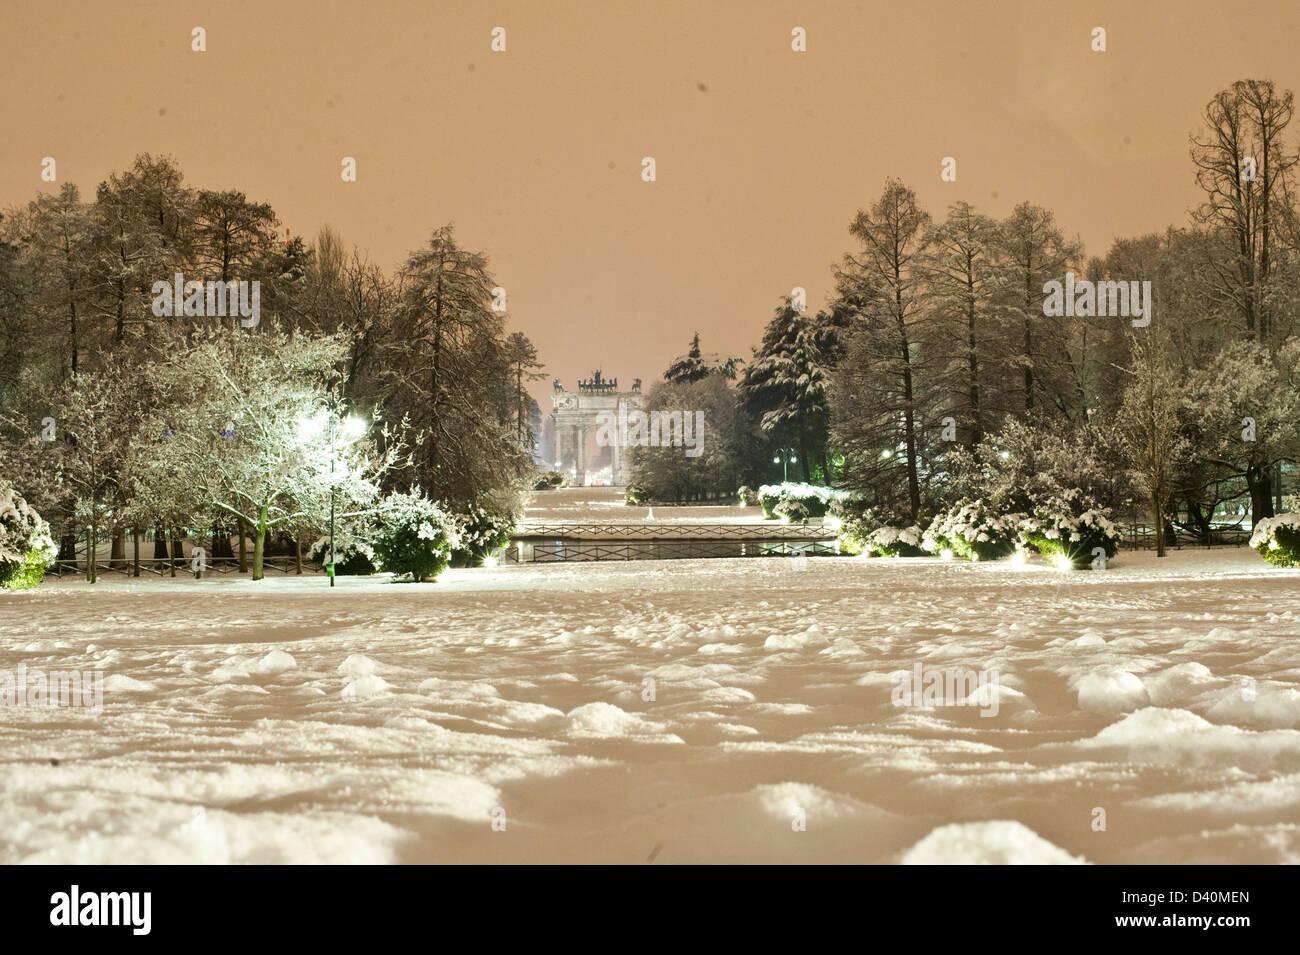 Arco della pace, in Parco Sempione with snow. Stock Photo